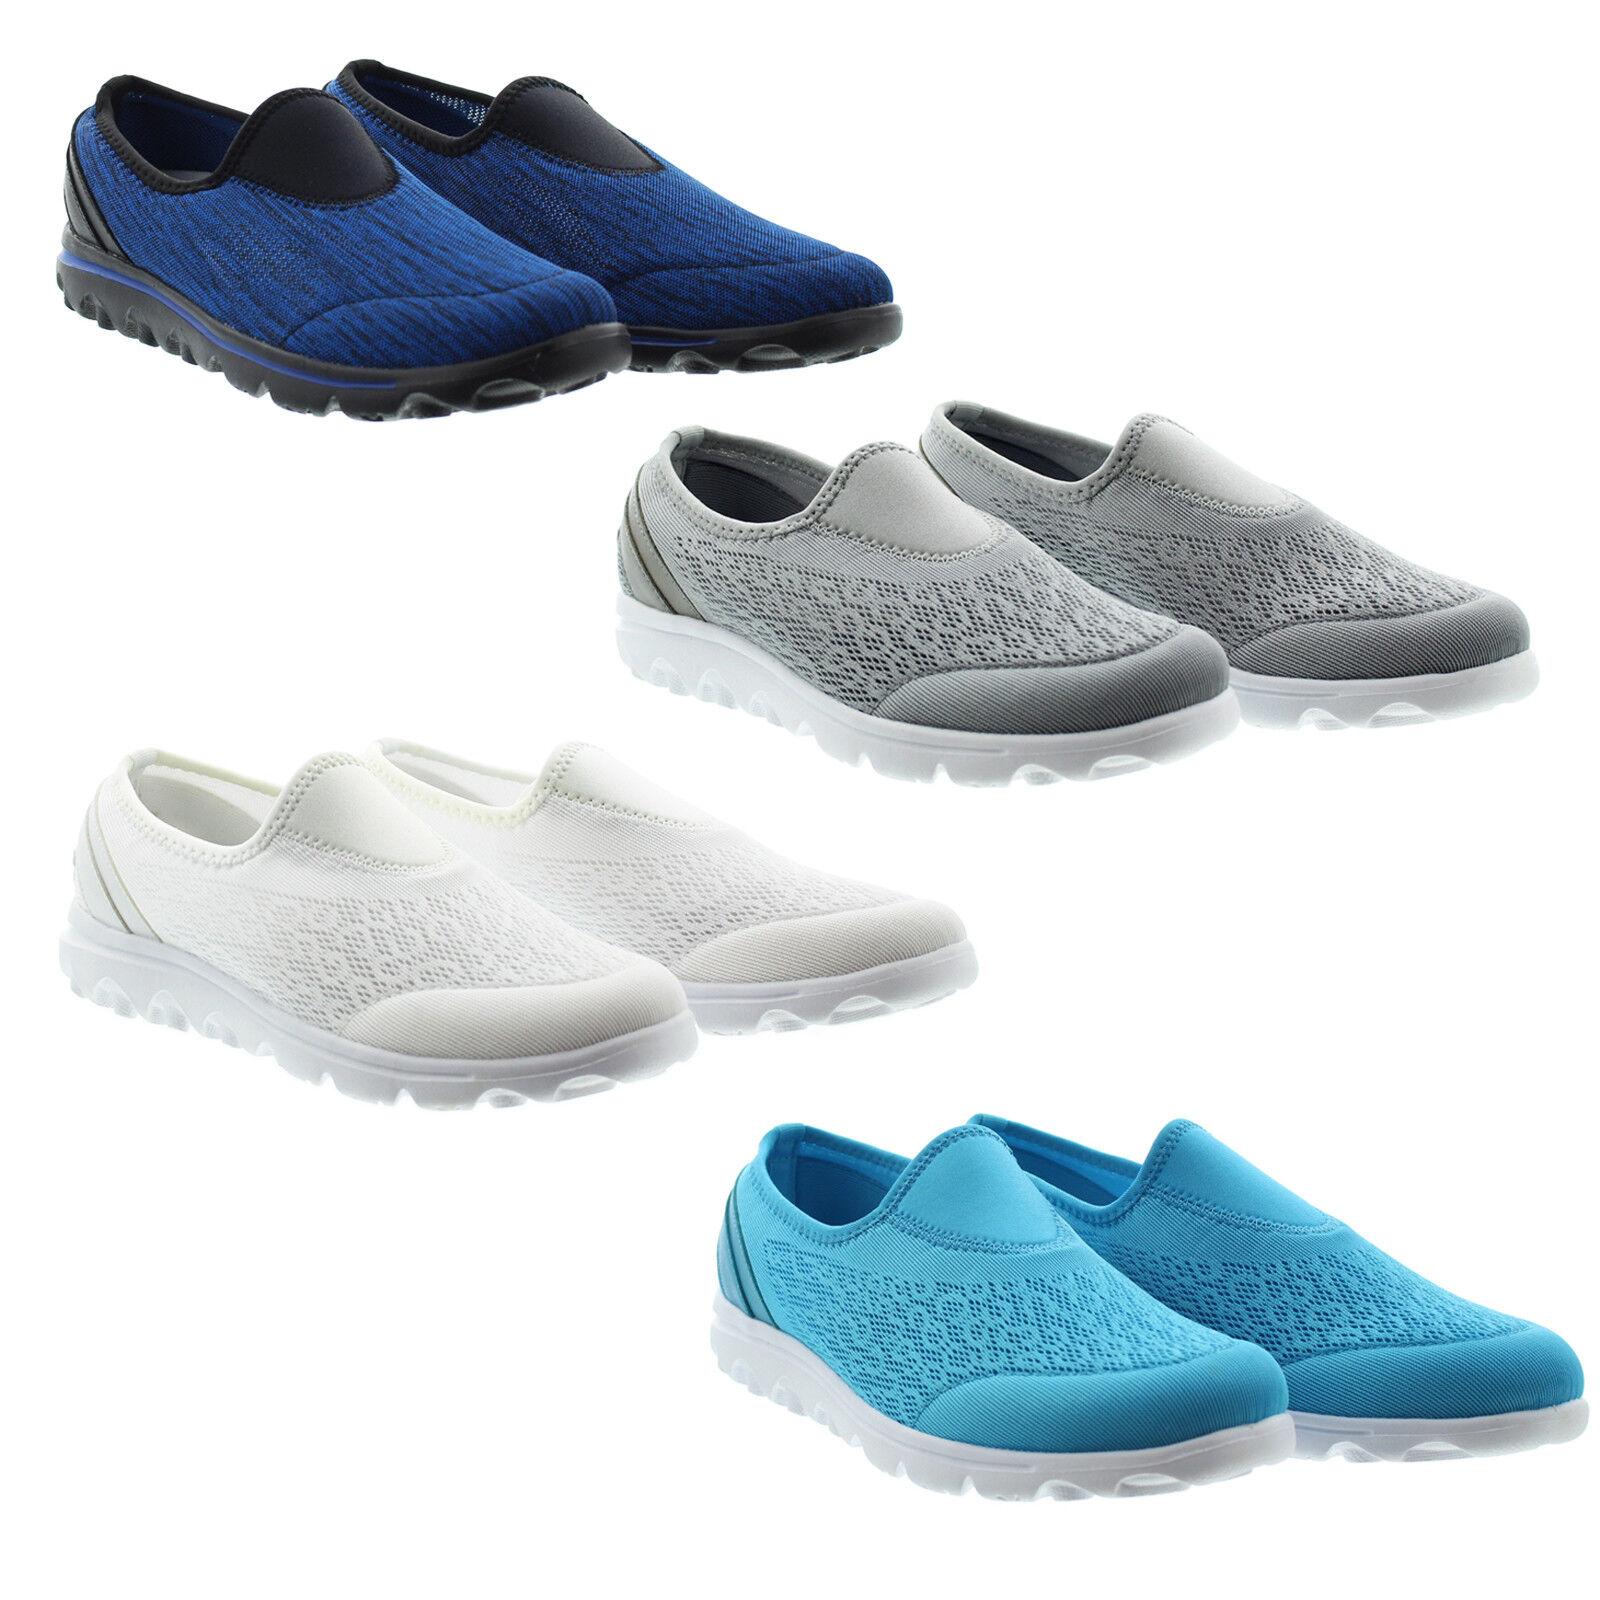 Propet Propet Propet W5104 De Mujer Viaje activo ligero Resbalón en Zapatillas Zapatos De Moda  calidad fantástica